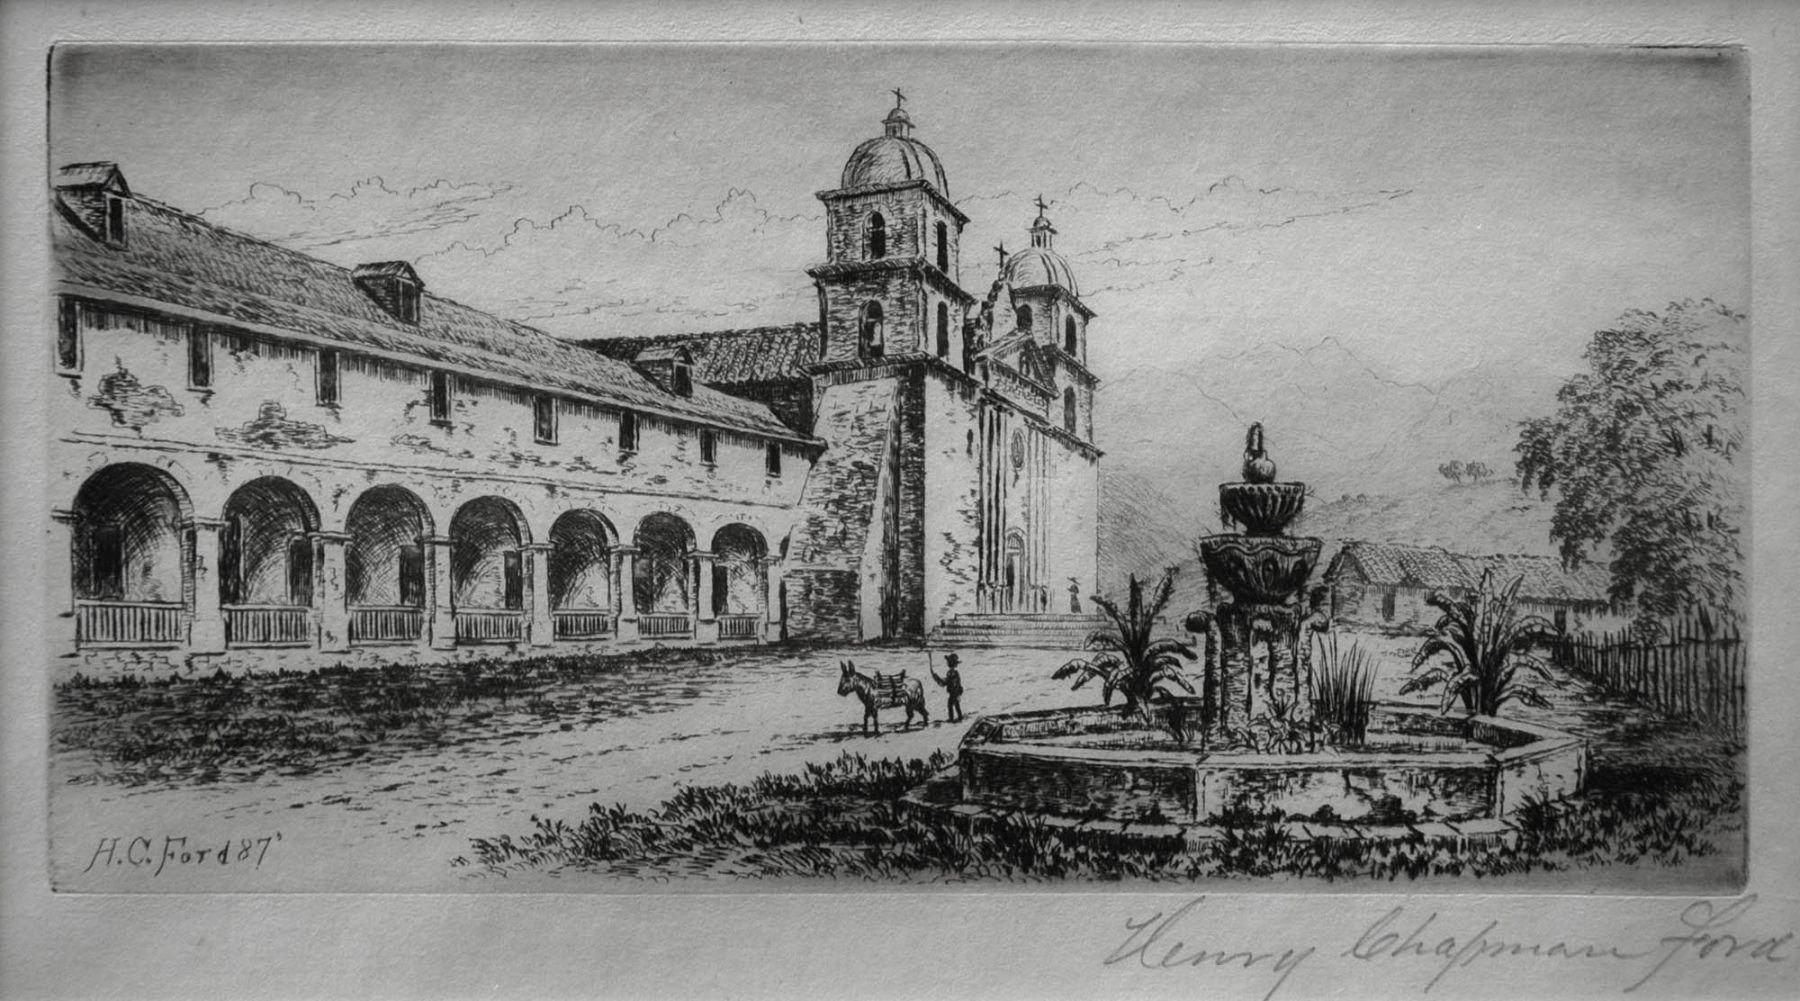 Henry Chapman Ford, Santa Barbara Mission